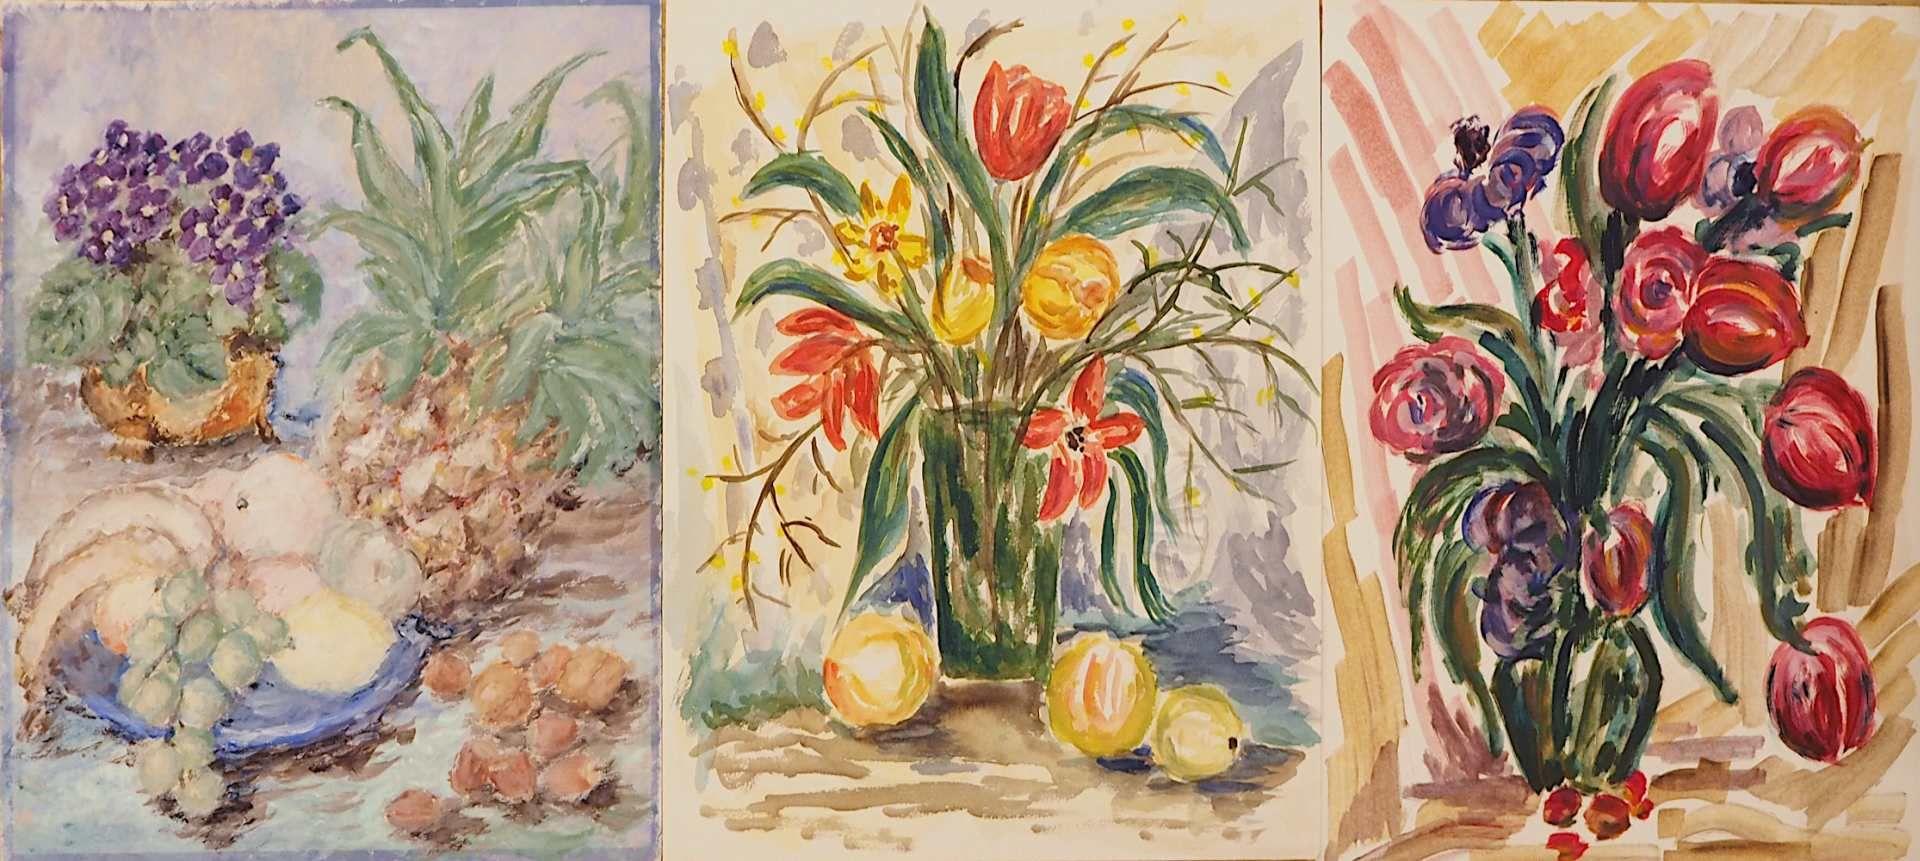 1 Sammlung Aquarelle/Temperamalereien überwiegend der 1960er/1970er Jahre der Künstlerin Mecht - Bild 5 aus 5